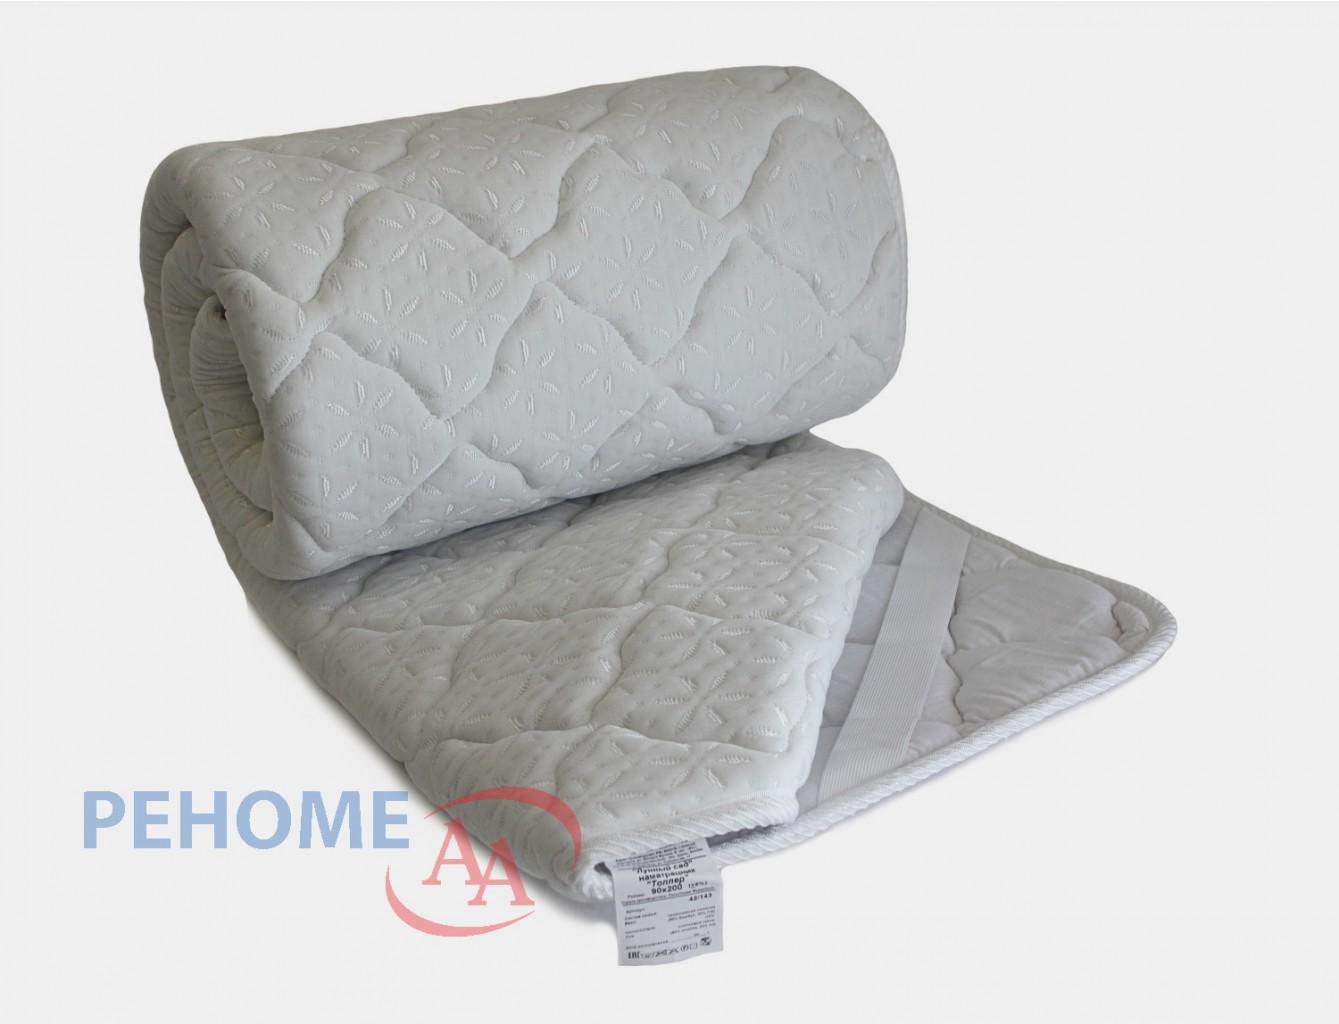 Сбор заказов. Реноме - весь текстиль в одном месте и по лучшим ценам! Подушки, одеяла, наматрацники, кпб, простыни на